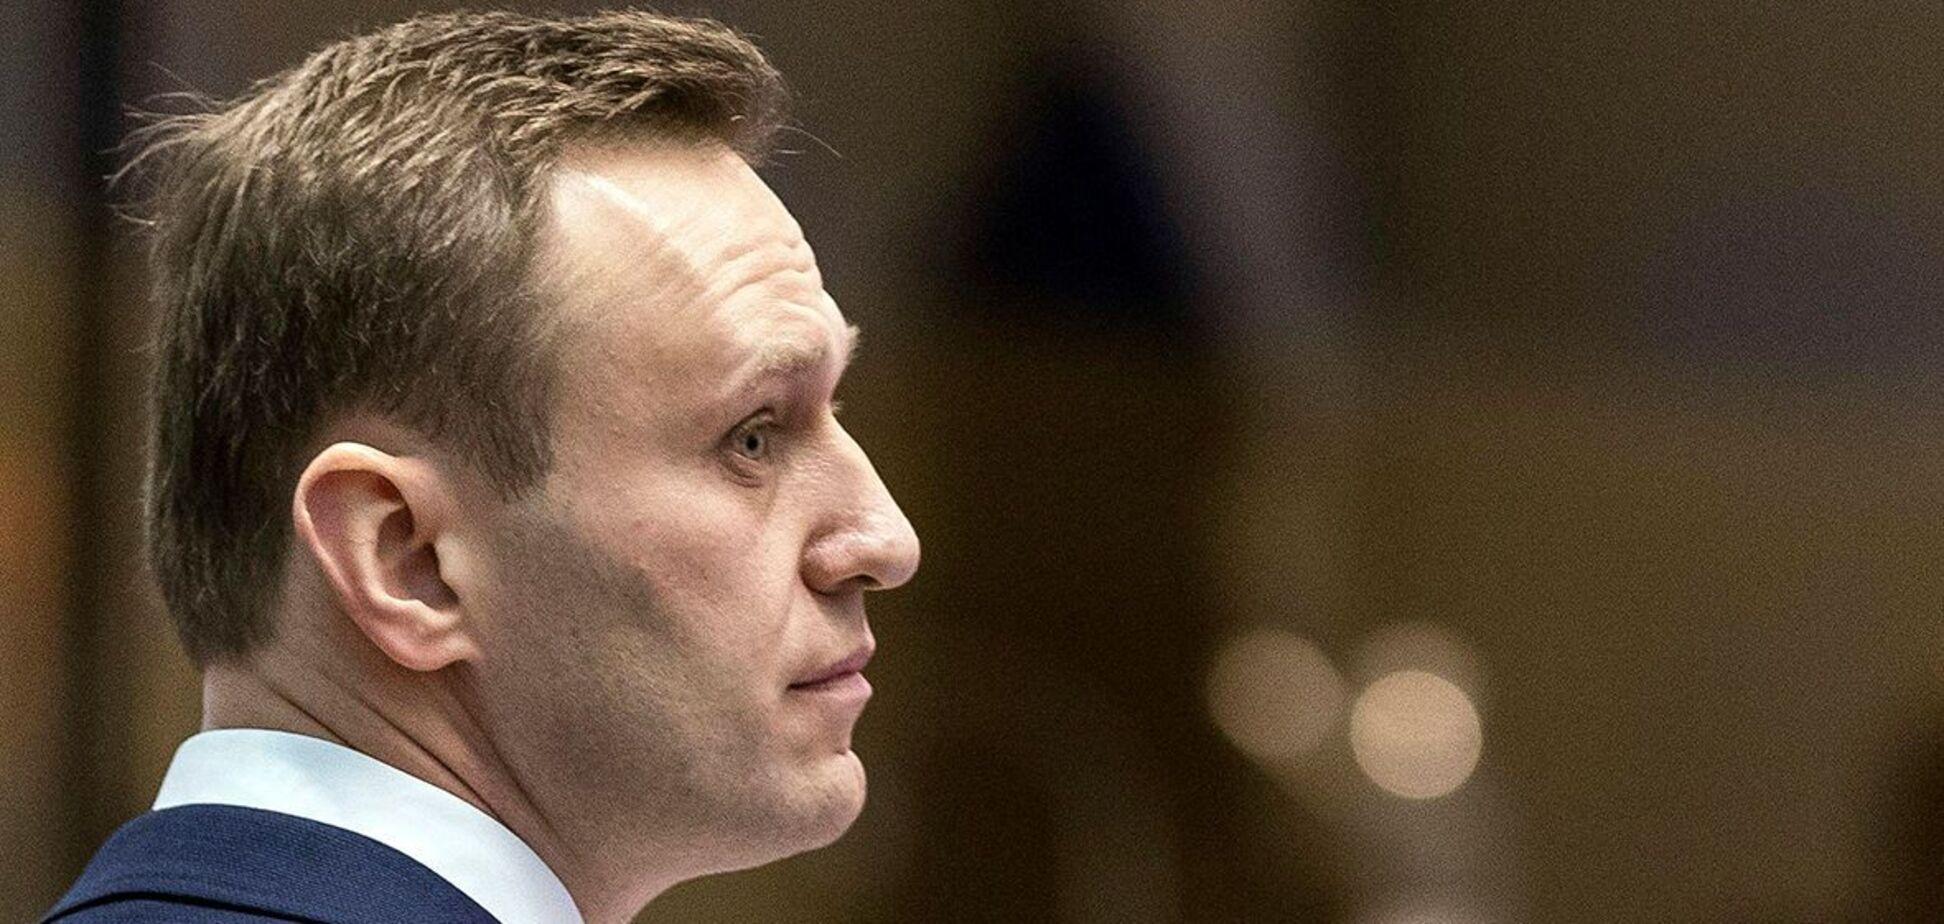 Алексей Навальный выписан после отравления